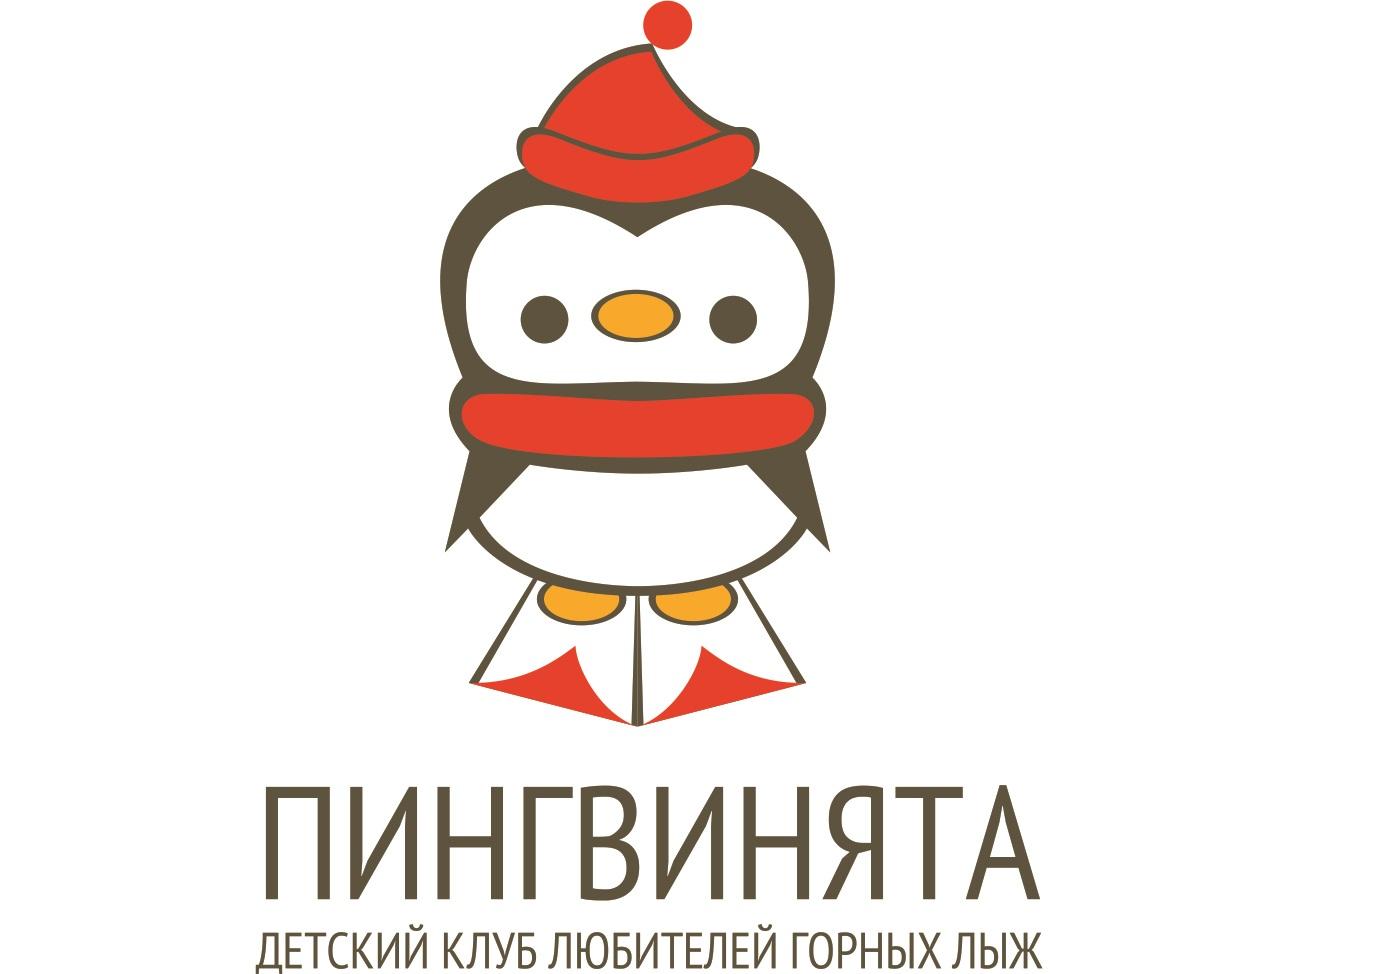 Пингвинята - детская школа любителей горных лыж